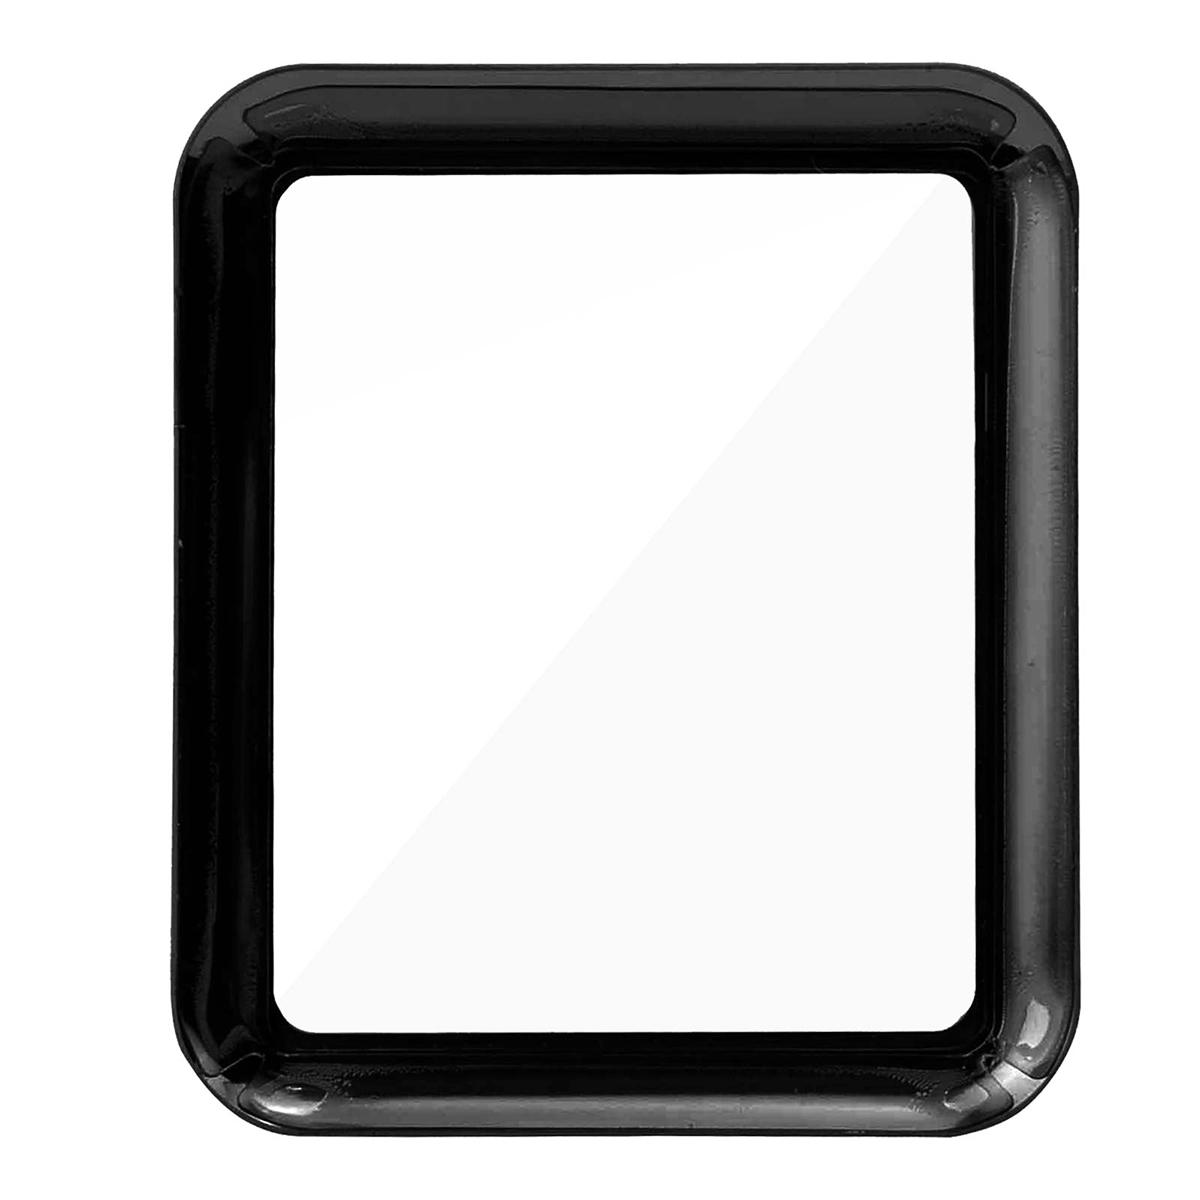 محافظ صفحه نمایش مدل 10D-02 مناسب برای اپل واچ 40 میلی متری